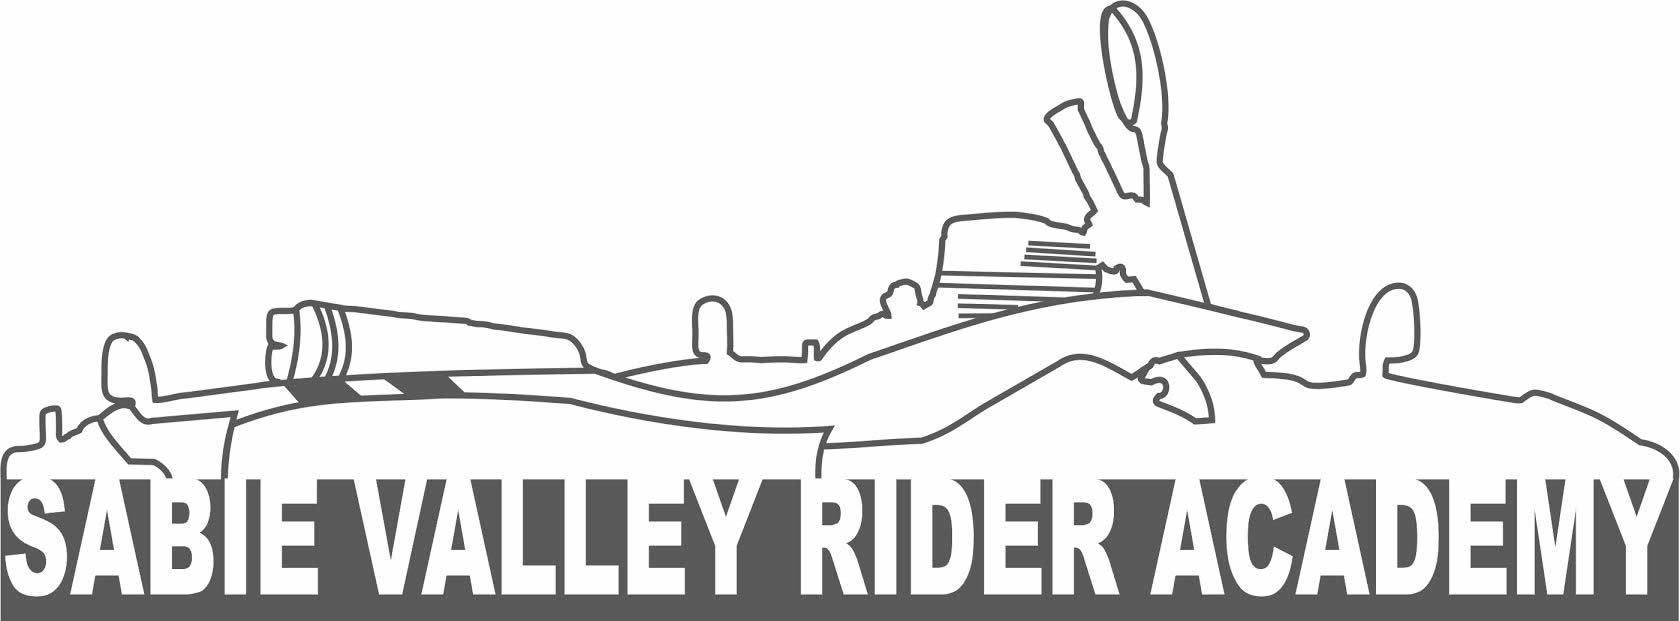 logo vir Rider website